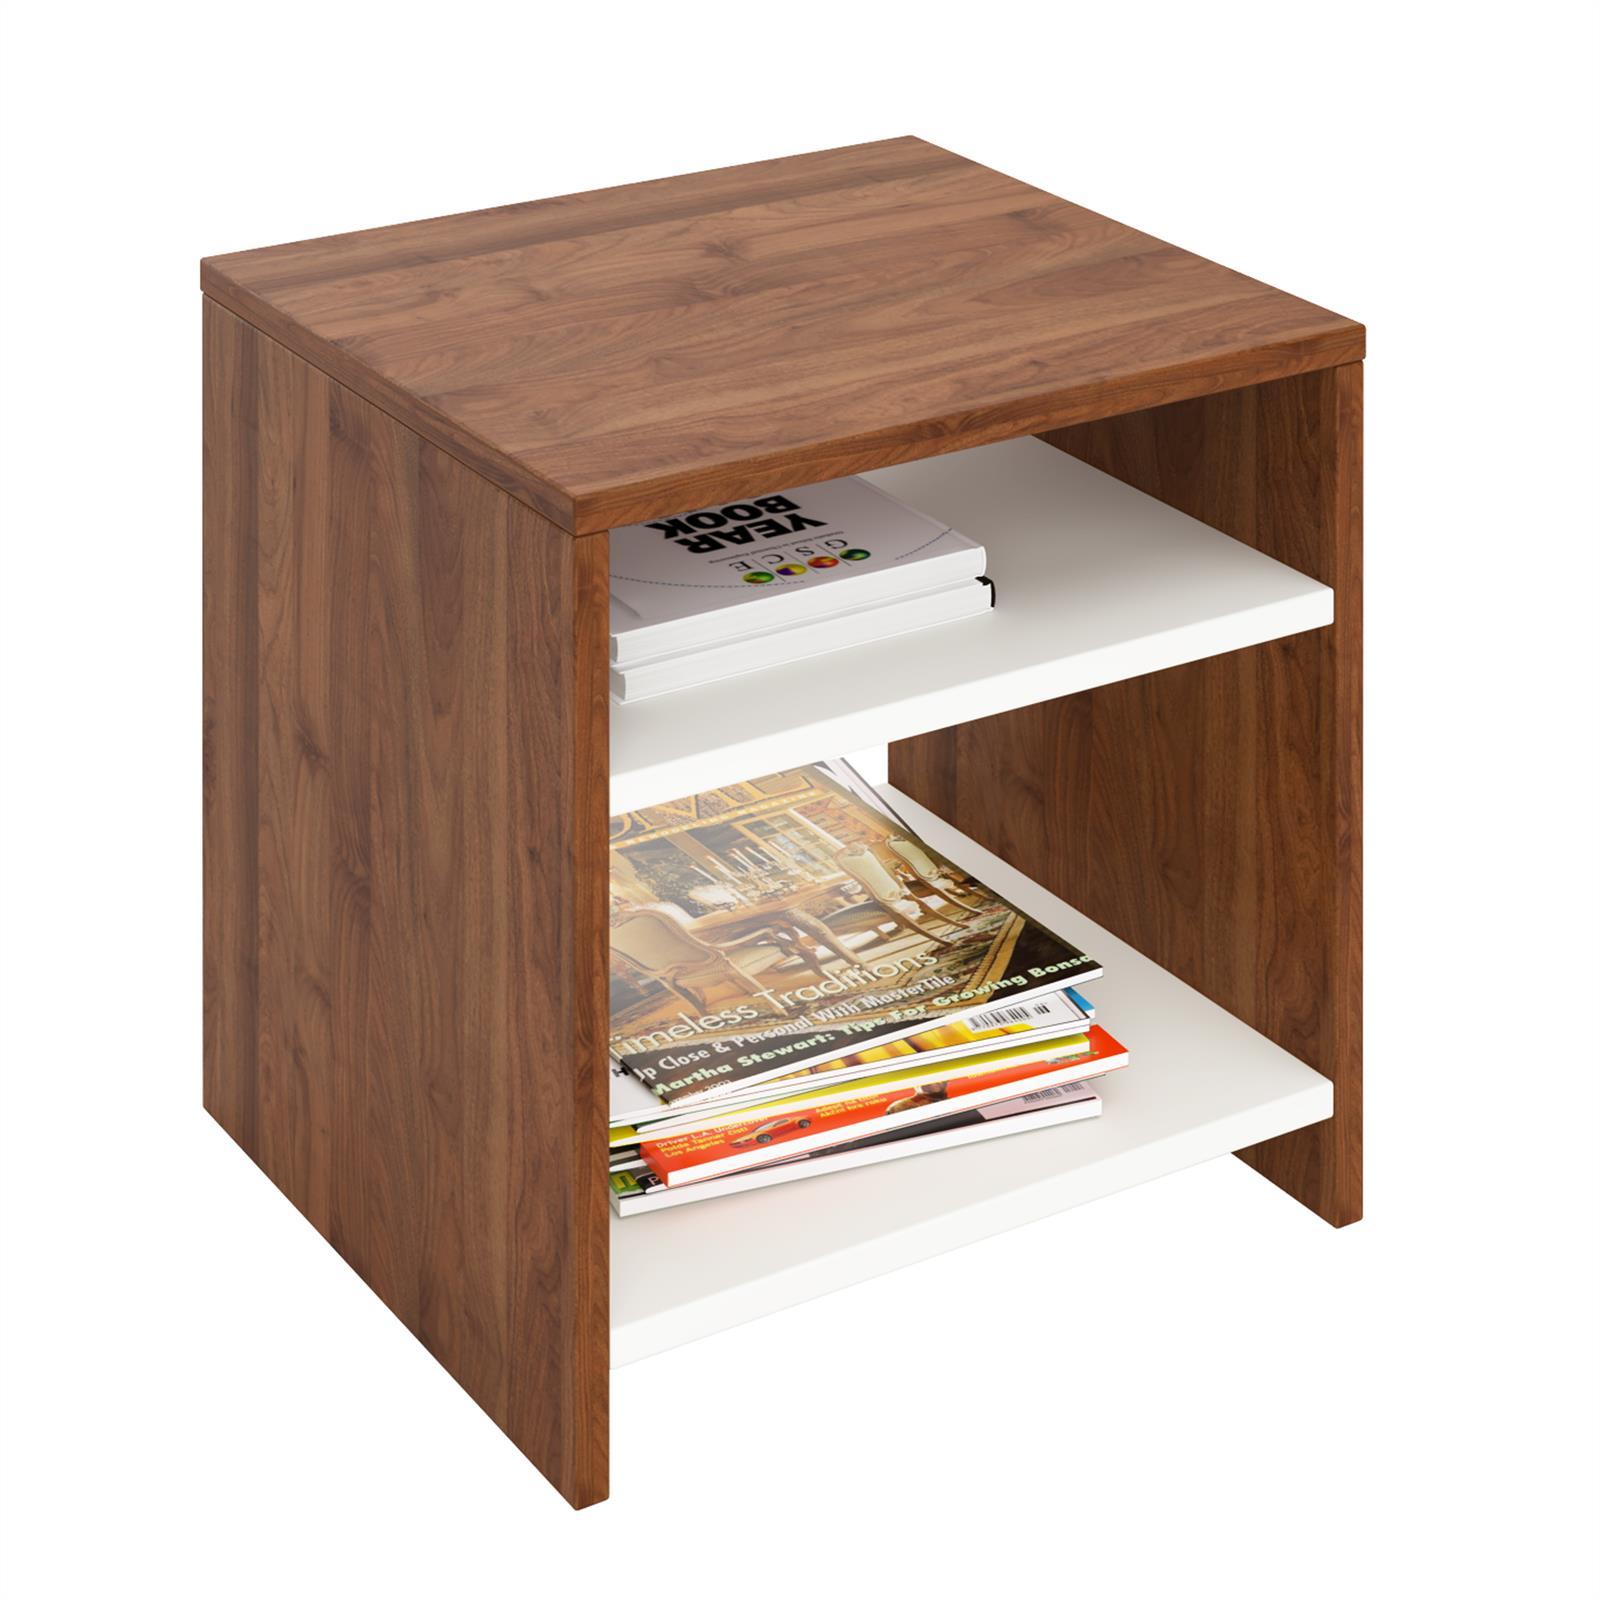 beistelltisch almeria nussbaum wei mit 2 f chern caro m bel. Black Bedroom Furniture Sets. Home Design Ideas